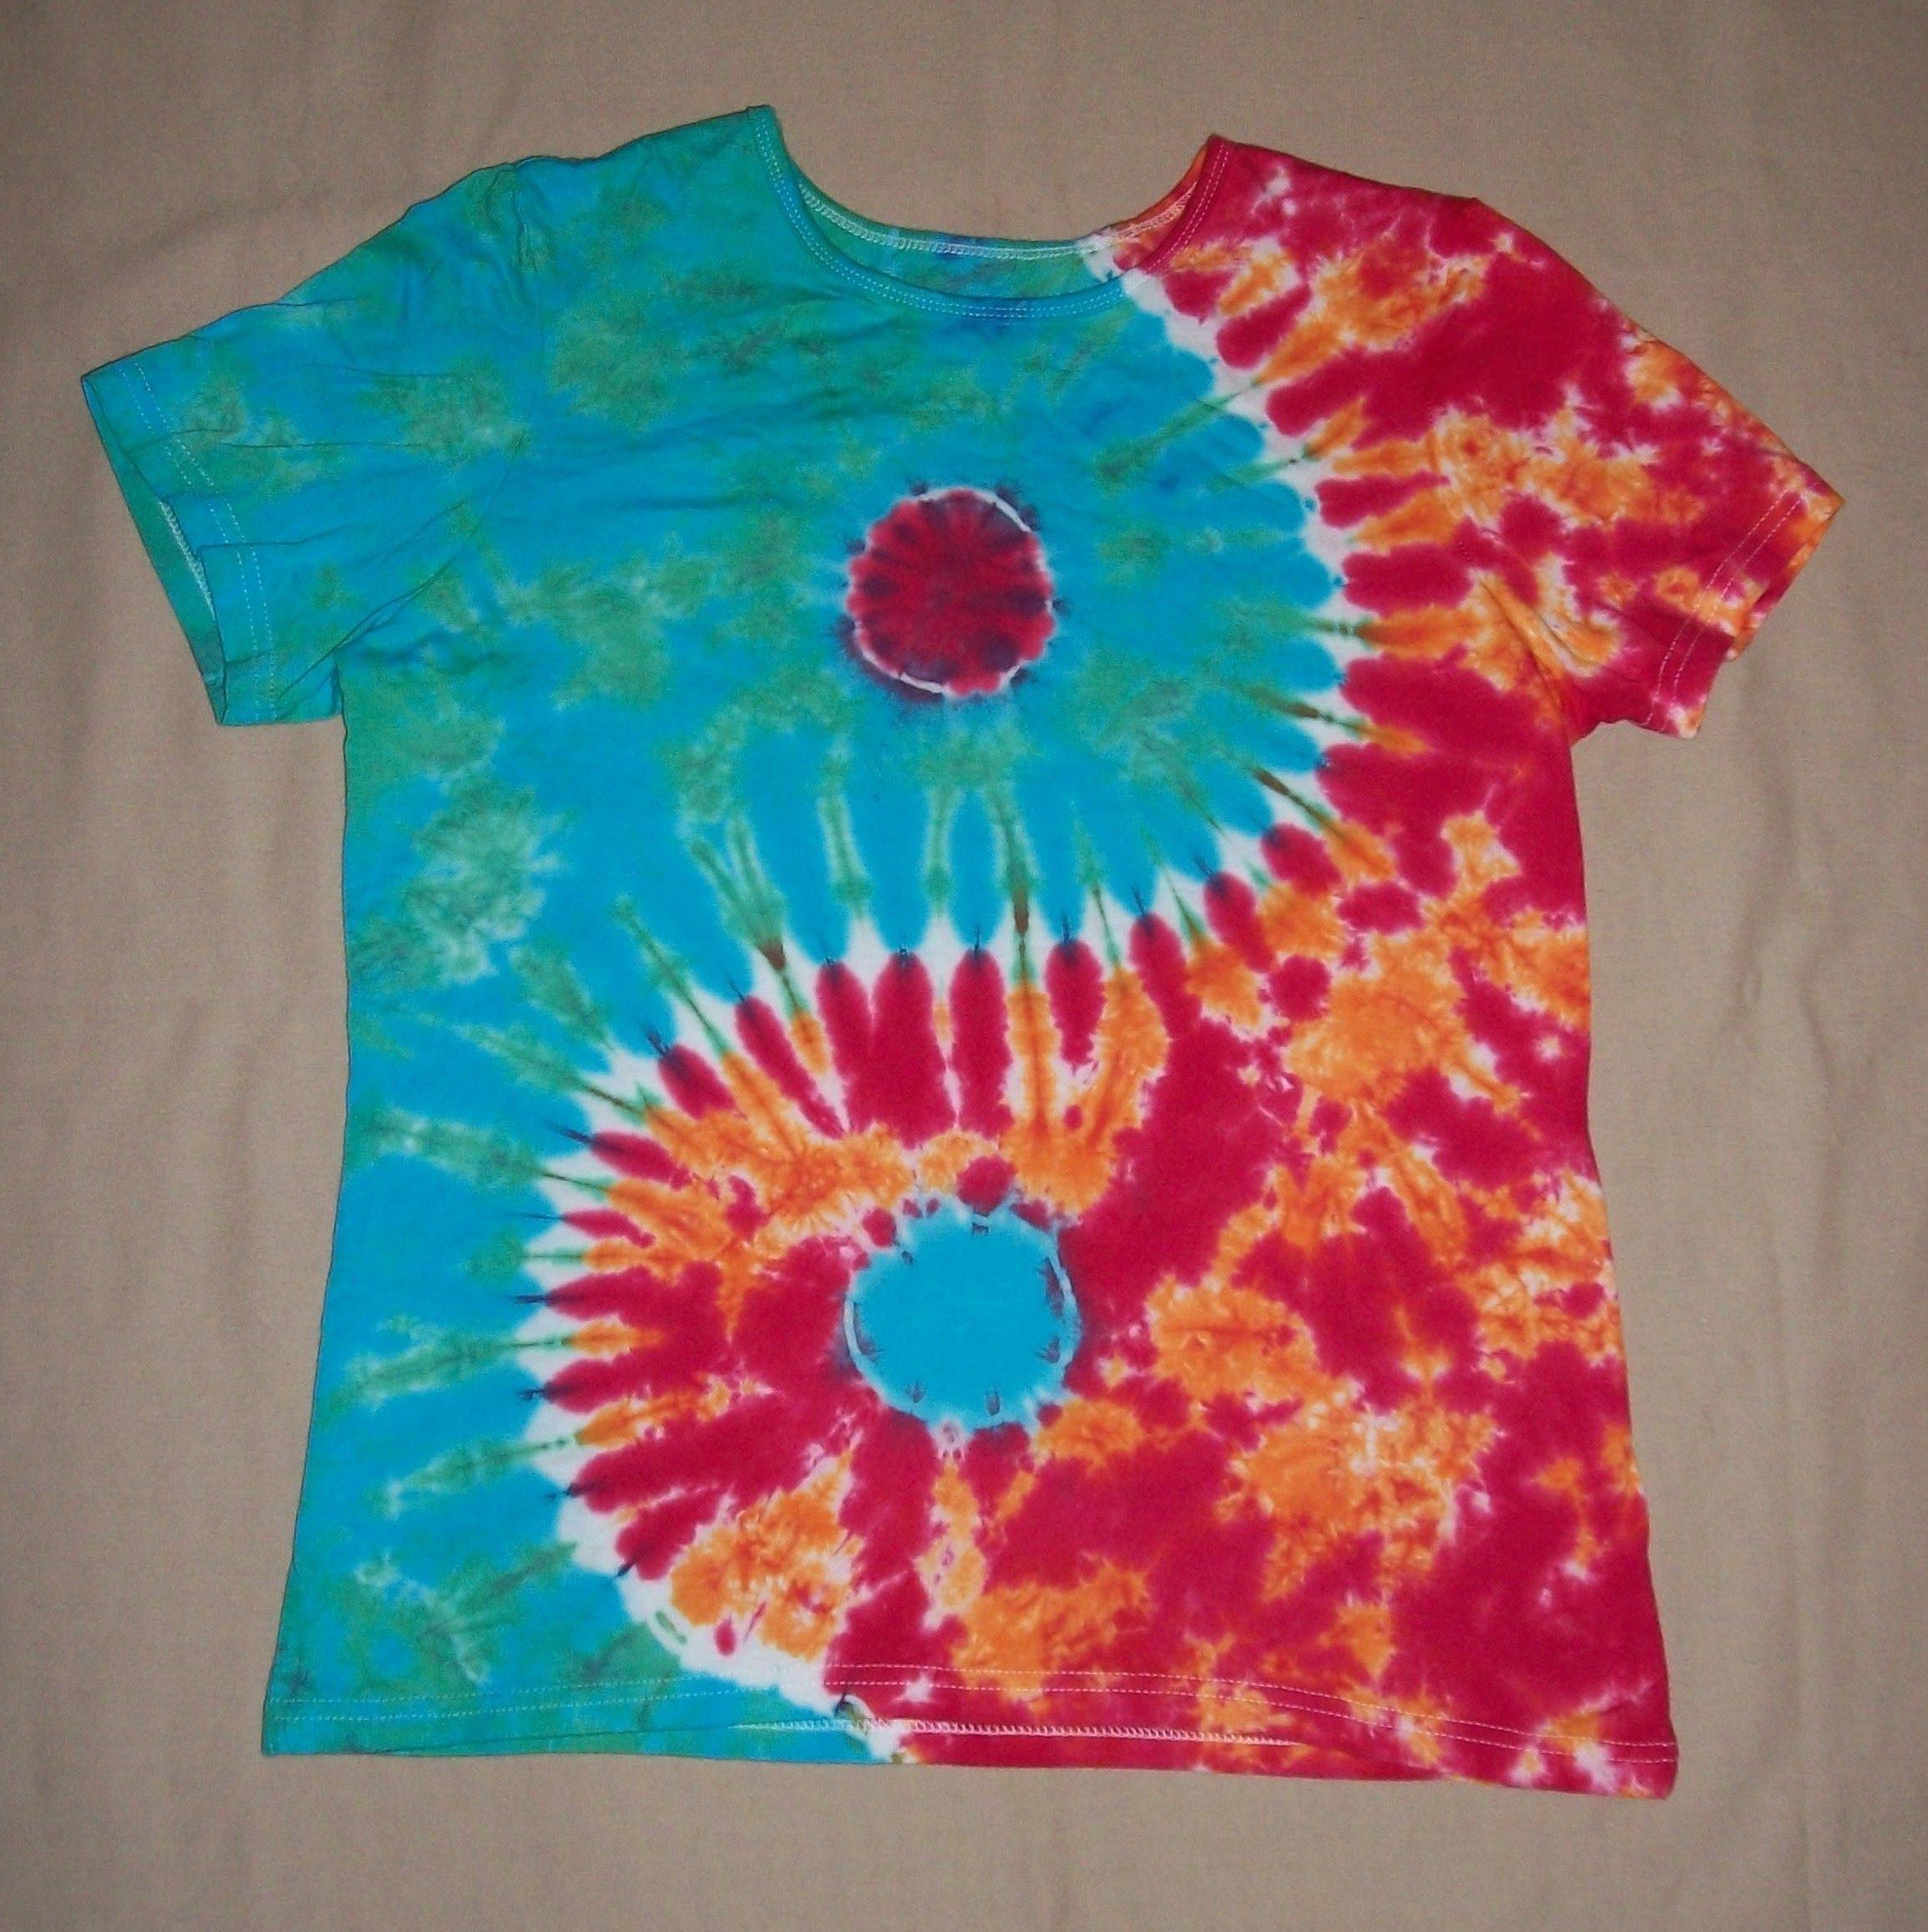 diy tie dye shirts photo - 1